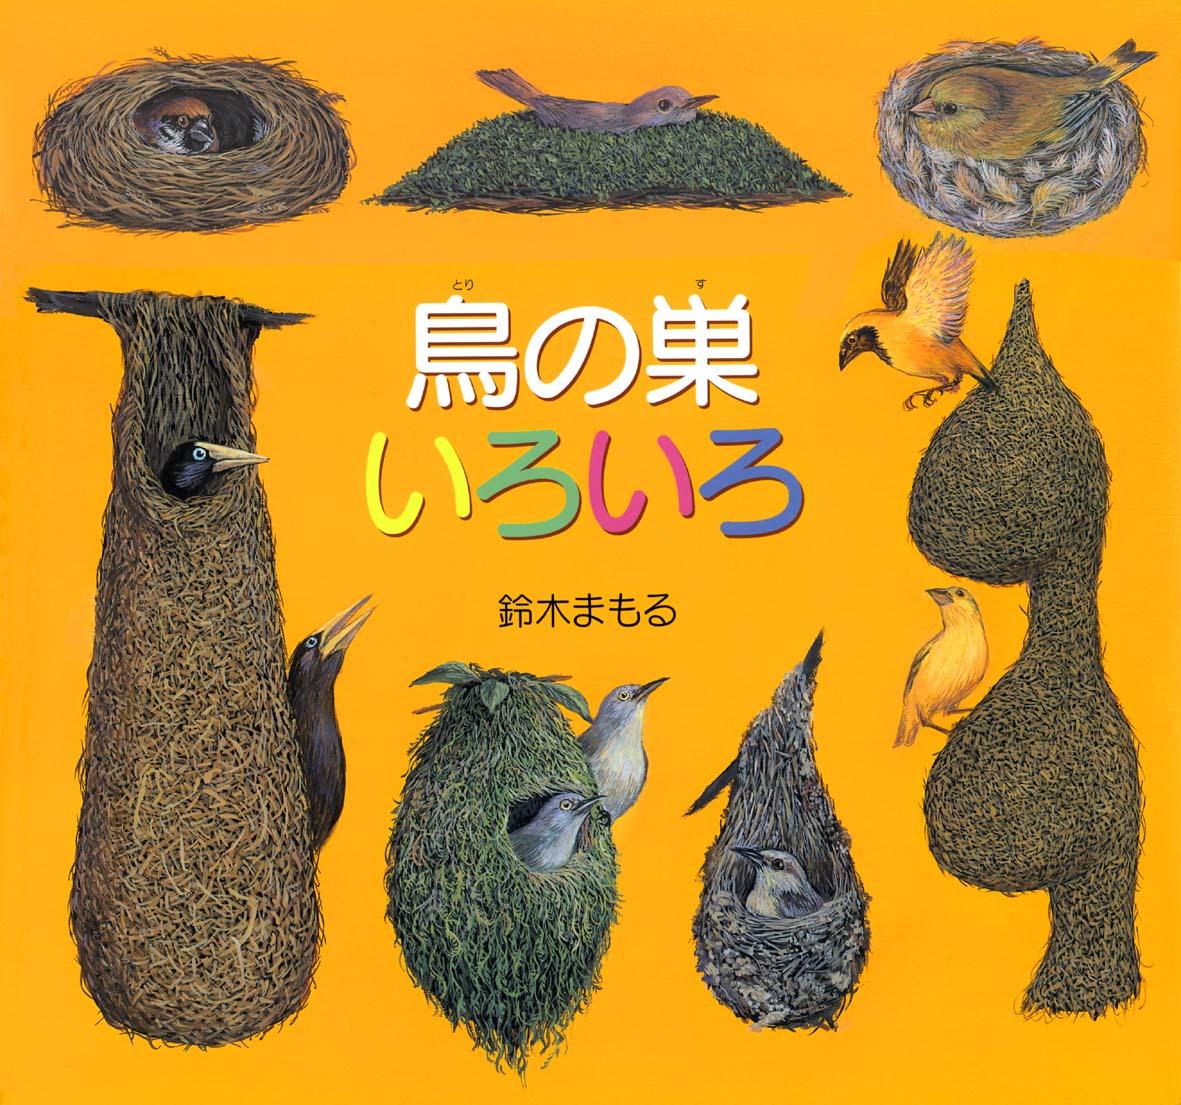 鈴木まもる・絵本原画と鳥の巣コレクション展 「鳥の巣がおしえてくれること」